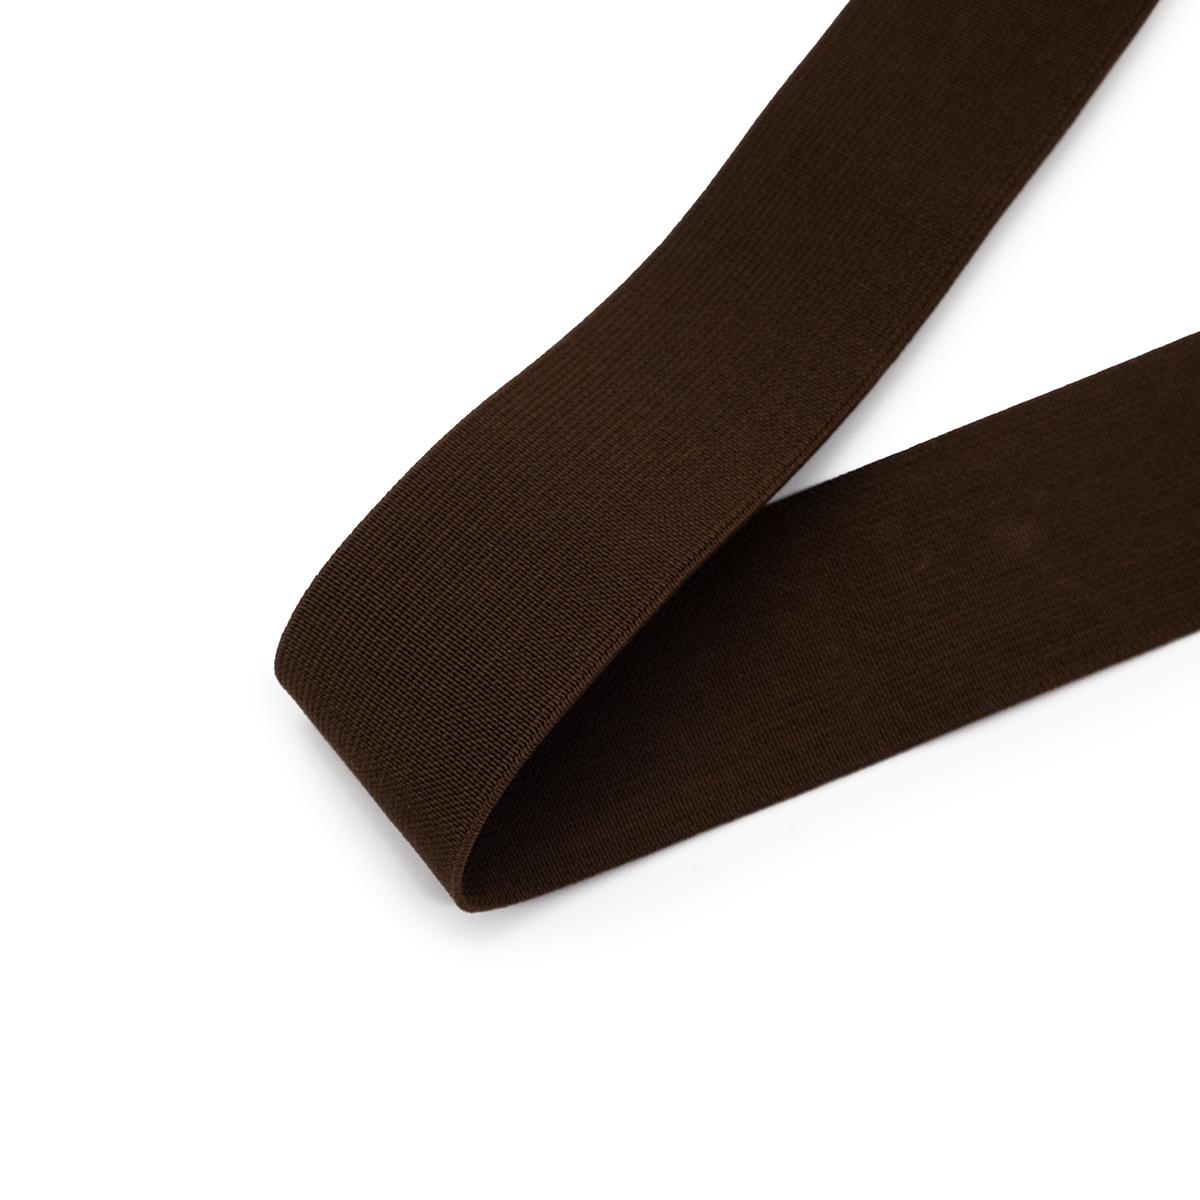 15-3850/9707 Резинка вязаная 40мм*25м т.коричневый